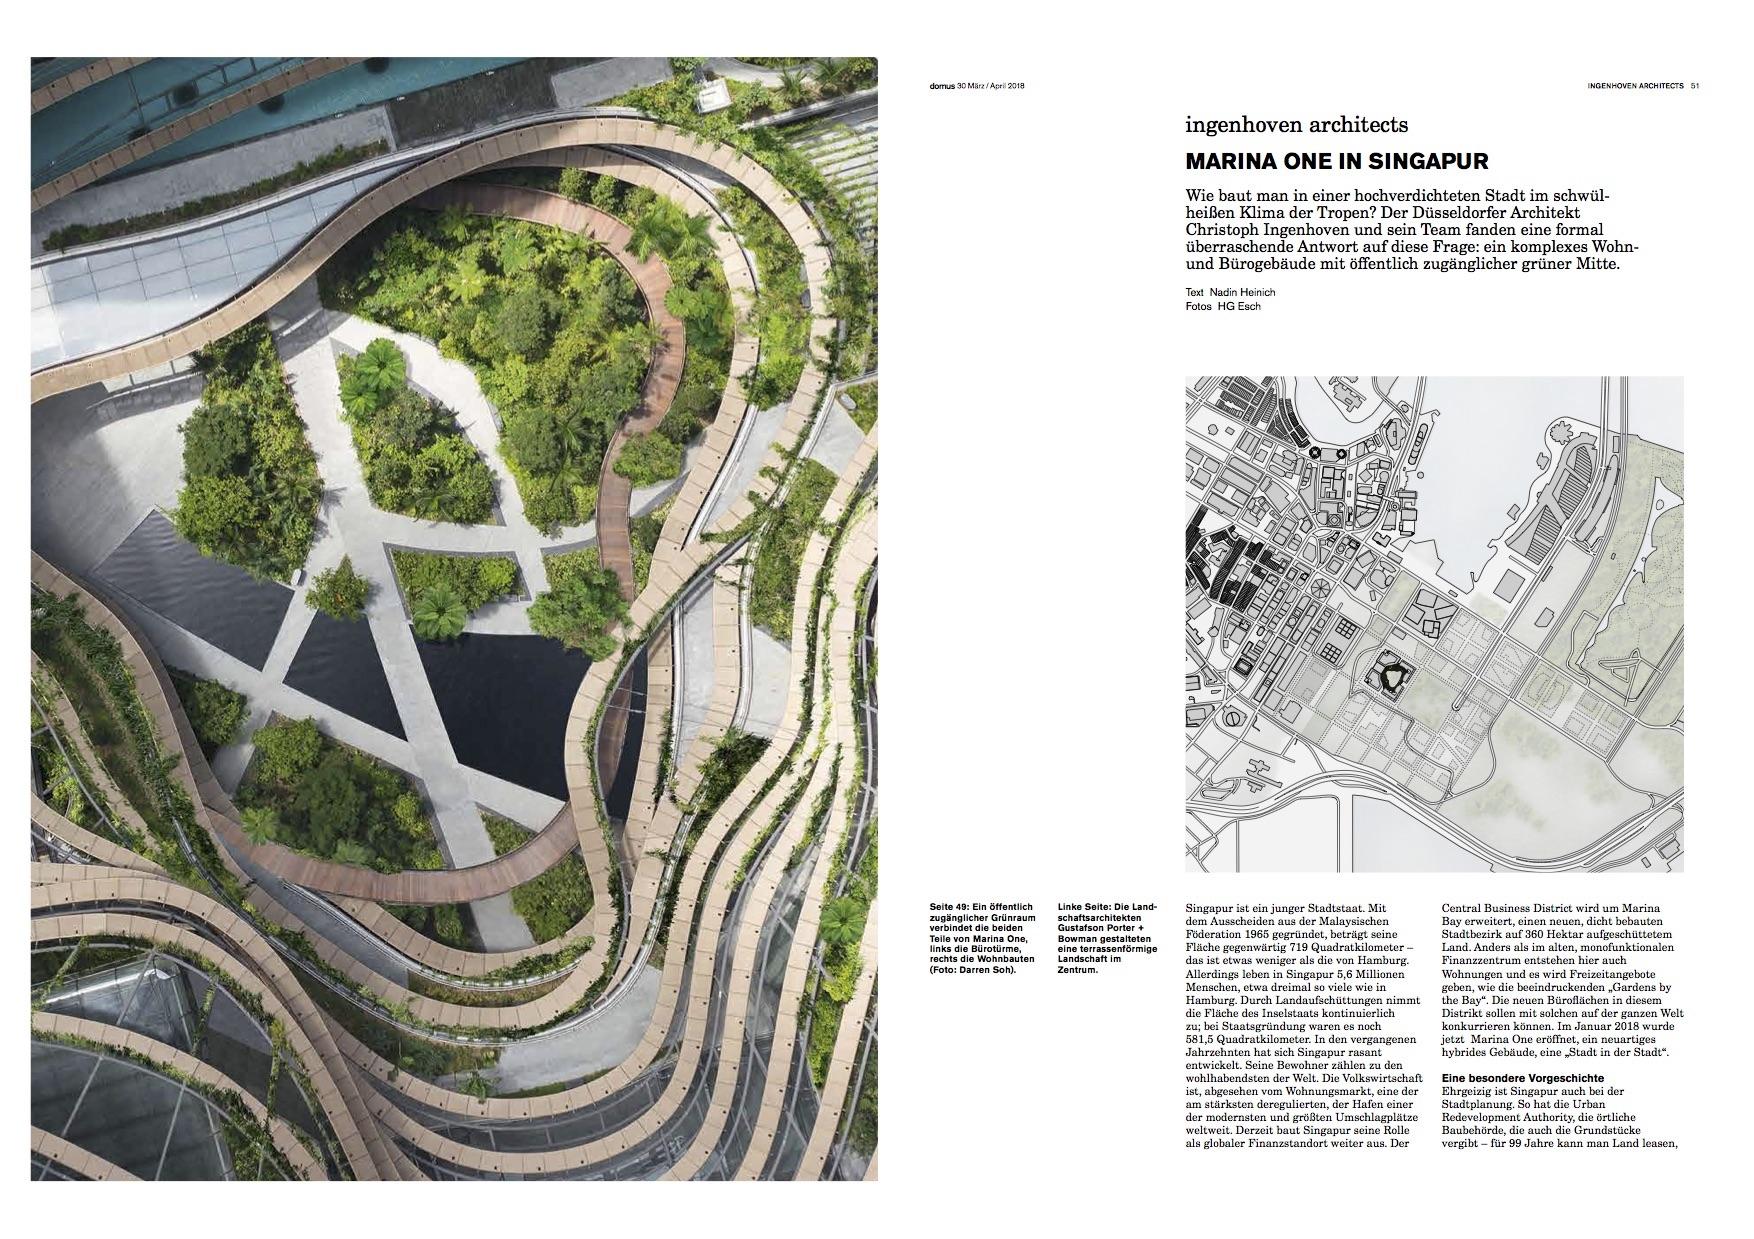 domus über Marina One, Ingenhoven Architects